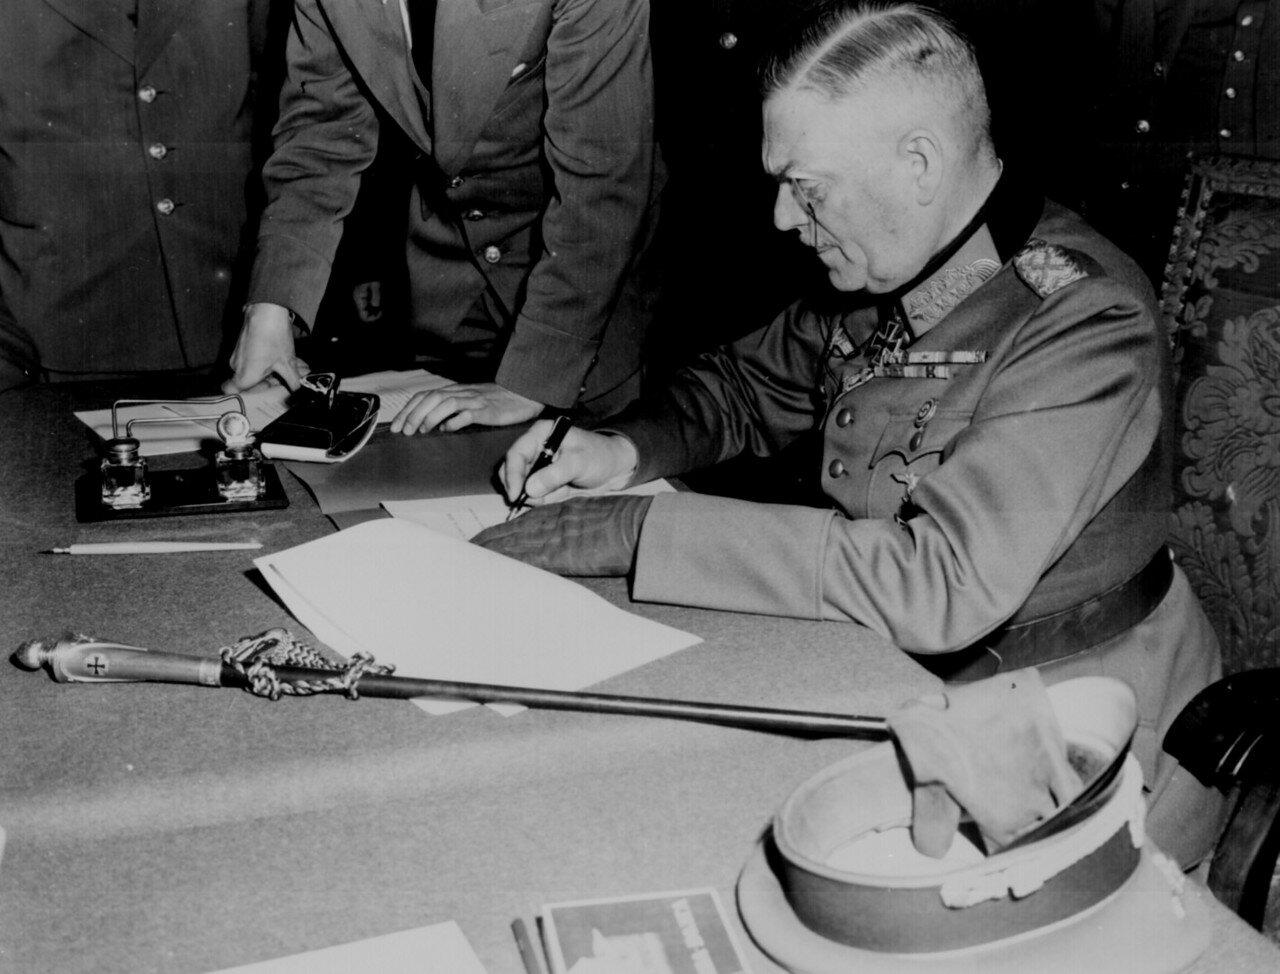 Вильгельм Кейтель во время подписания акта о капитуляции Германии.jpg